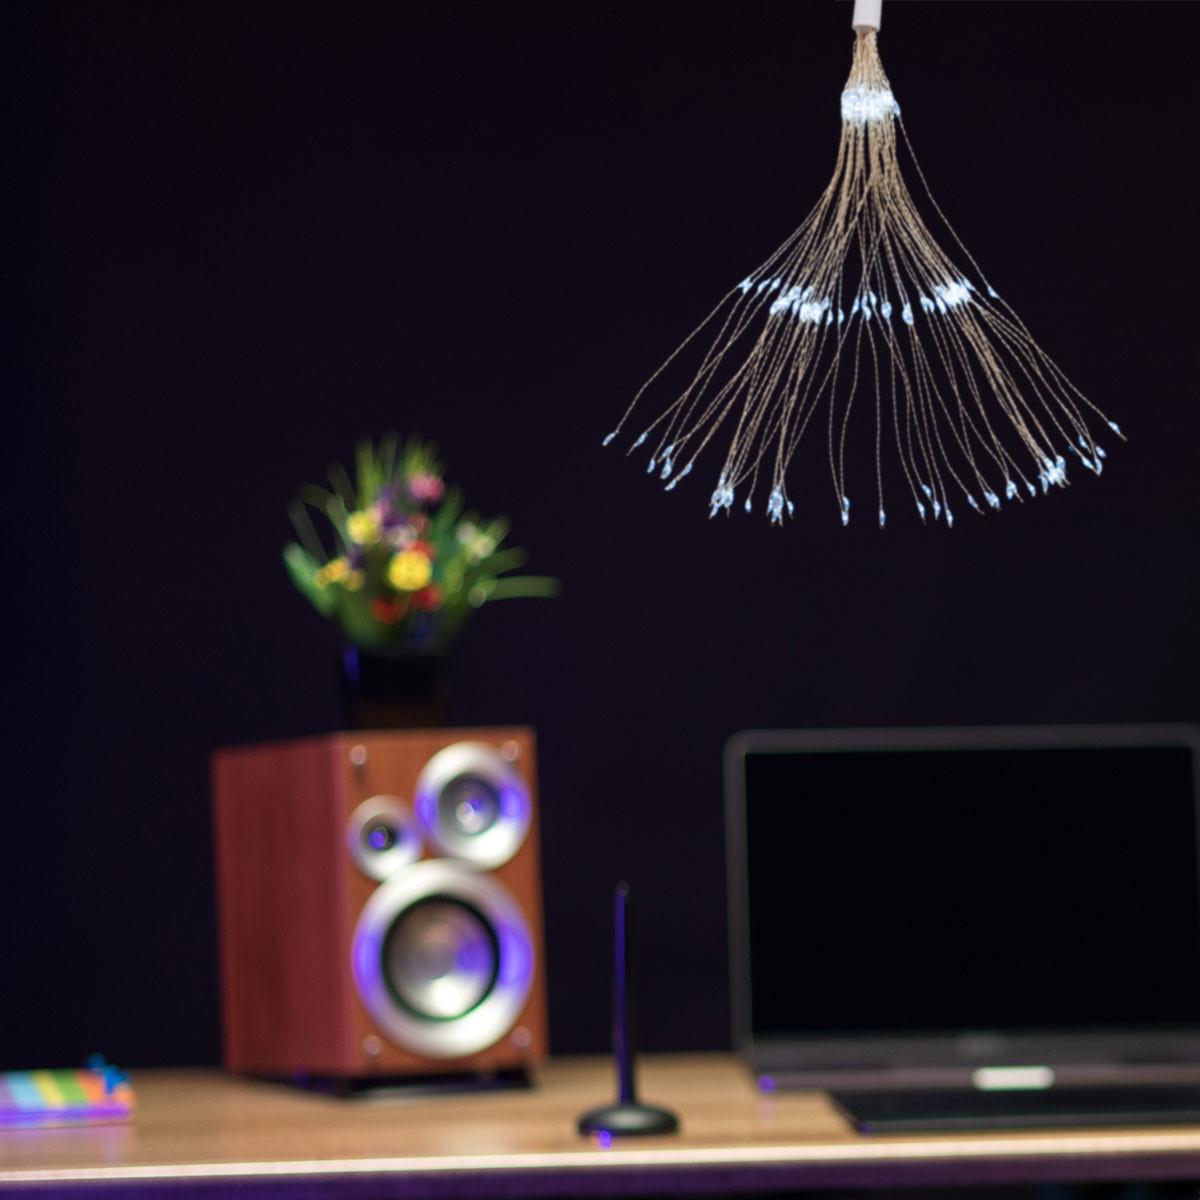 Lampki świąteczne fajerwerki powieszone w pokoju